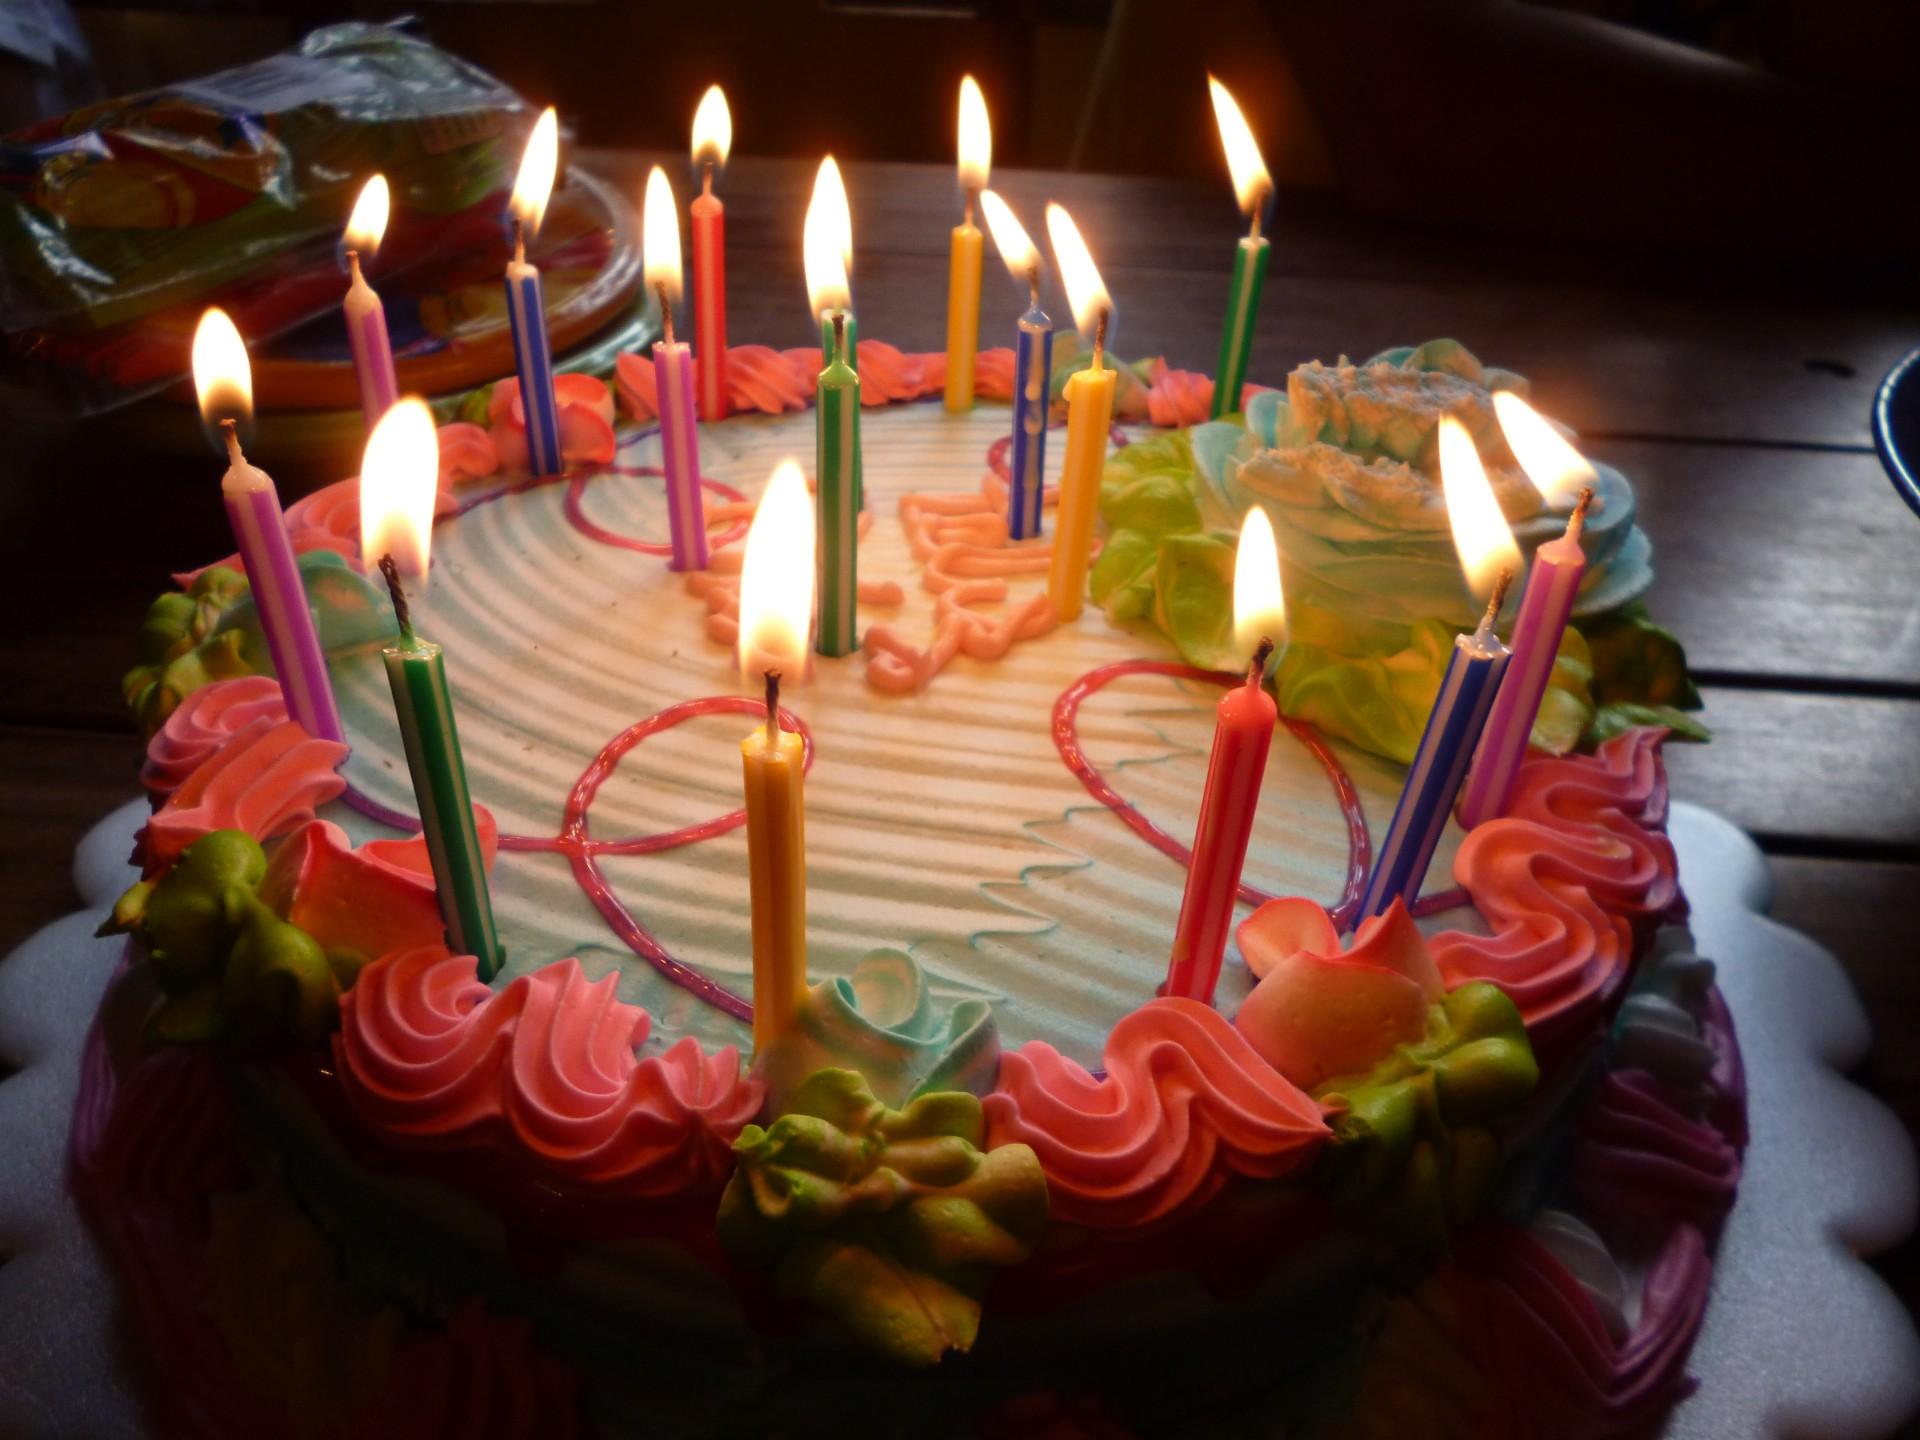 födelsedagstext 50 år Gratulationstext 50 år   Hitta en rolig gratulationstext till 50 åring födelsedagstext 50 år